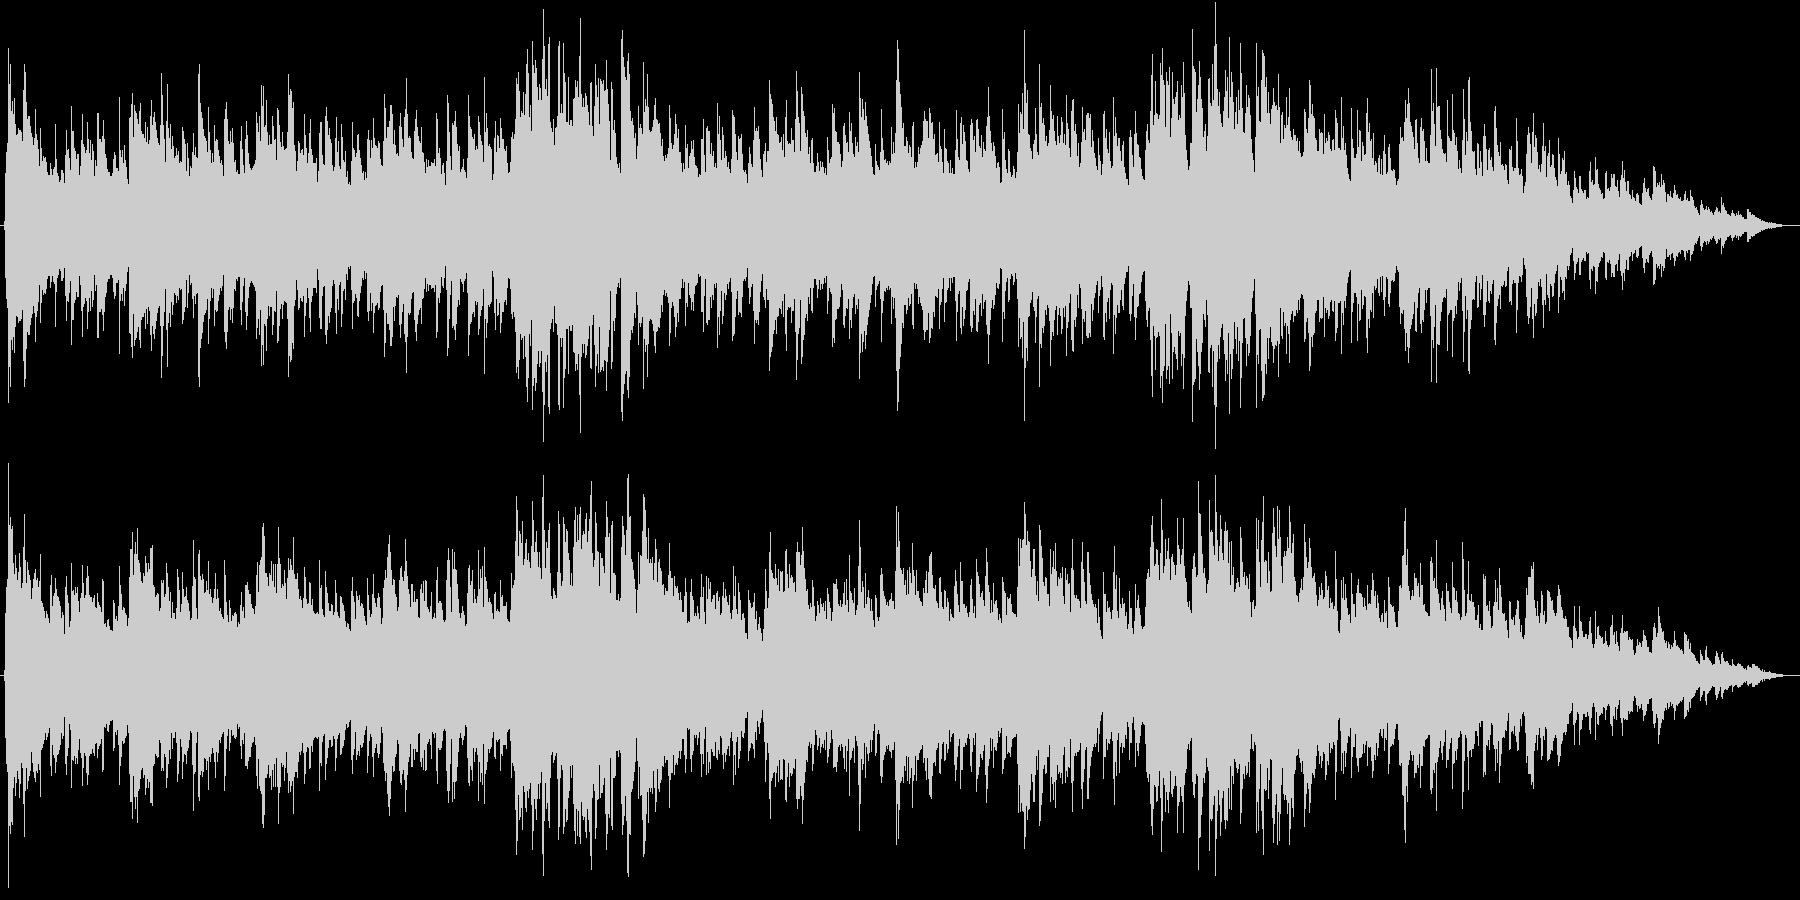 Aギター生演奏-ピアノ優しく混ざり合っての未再生の波形